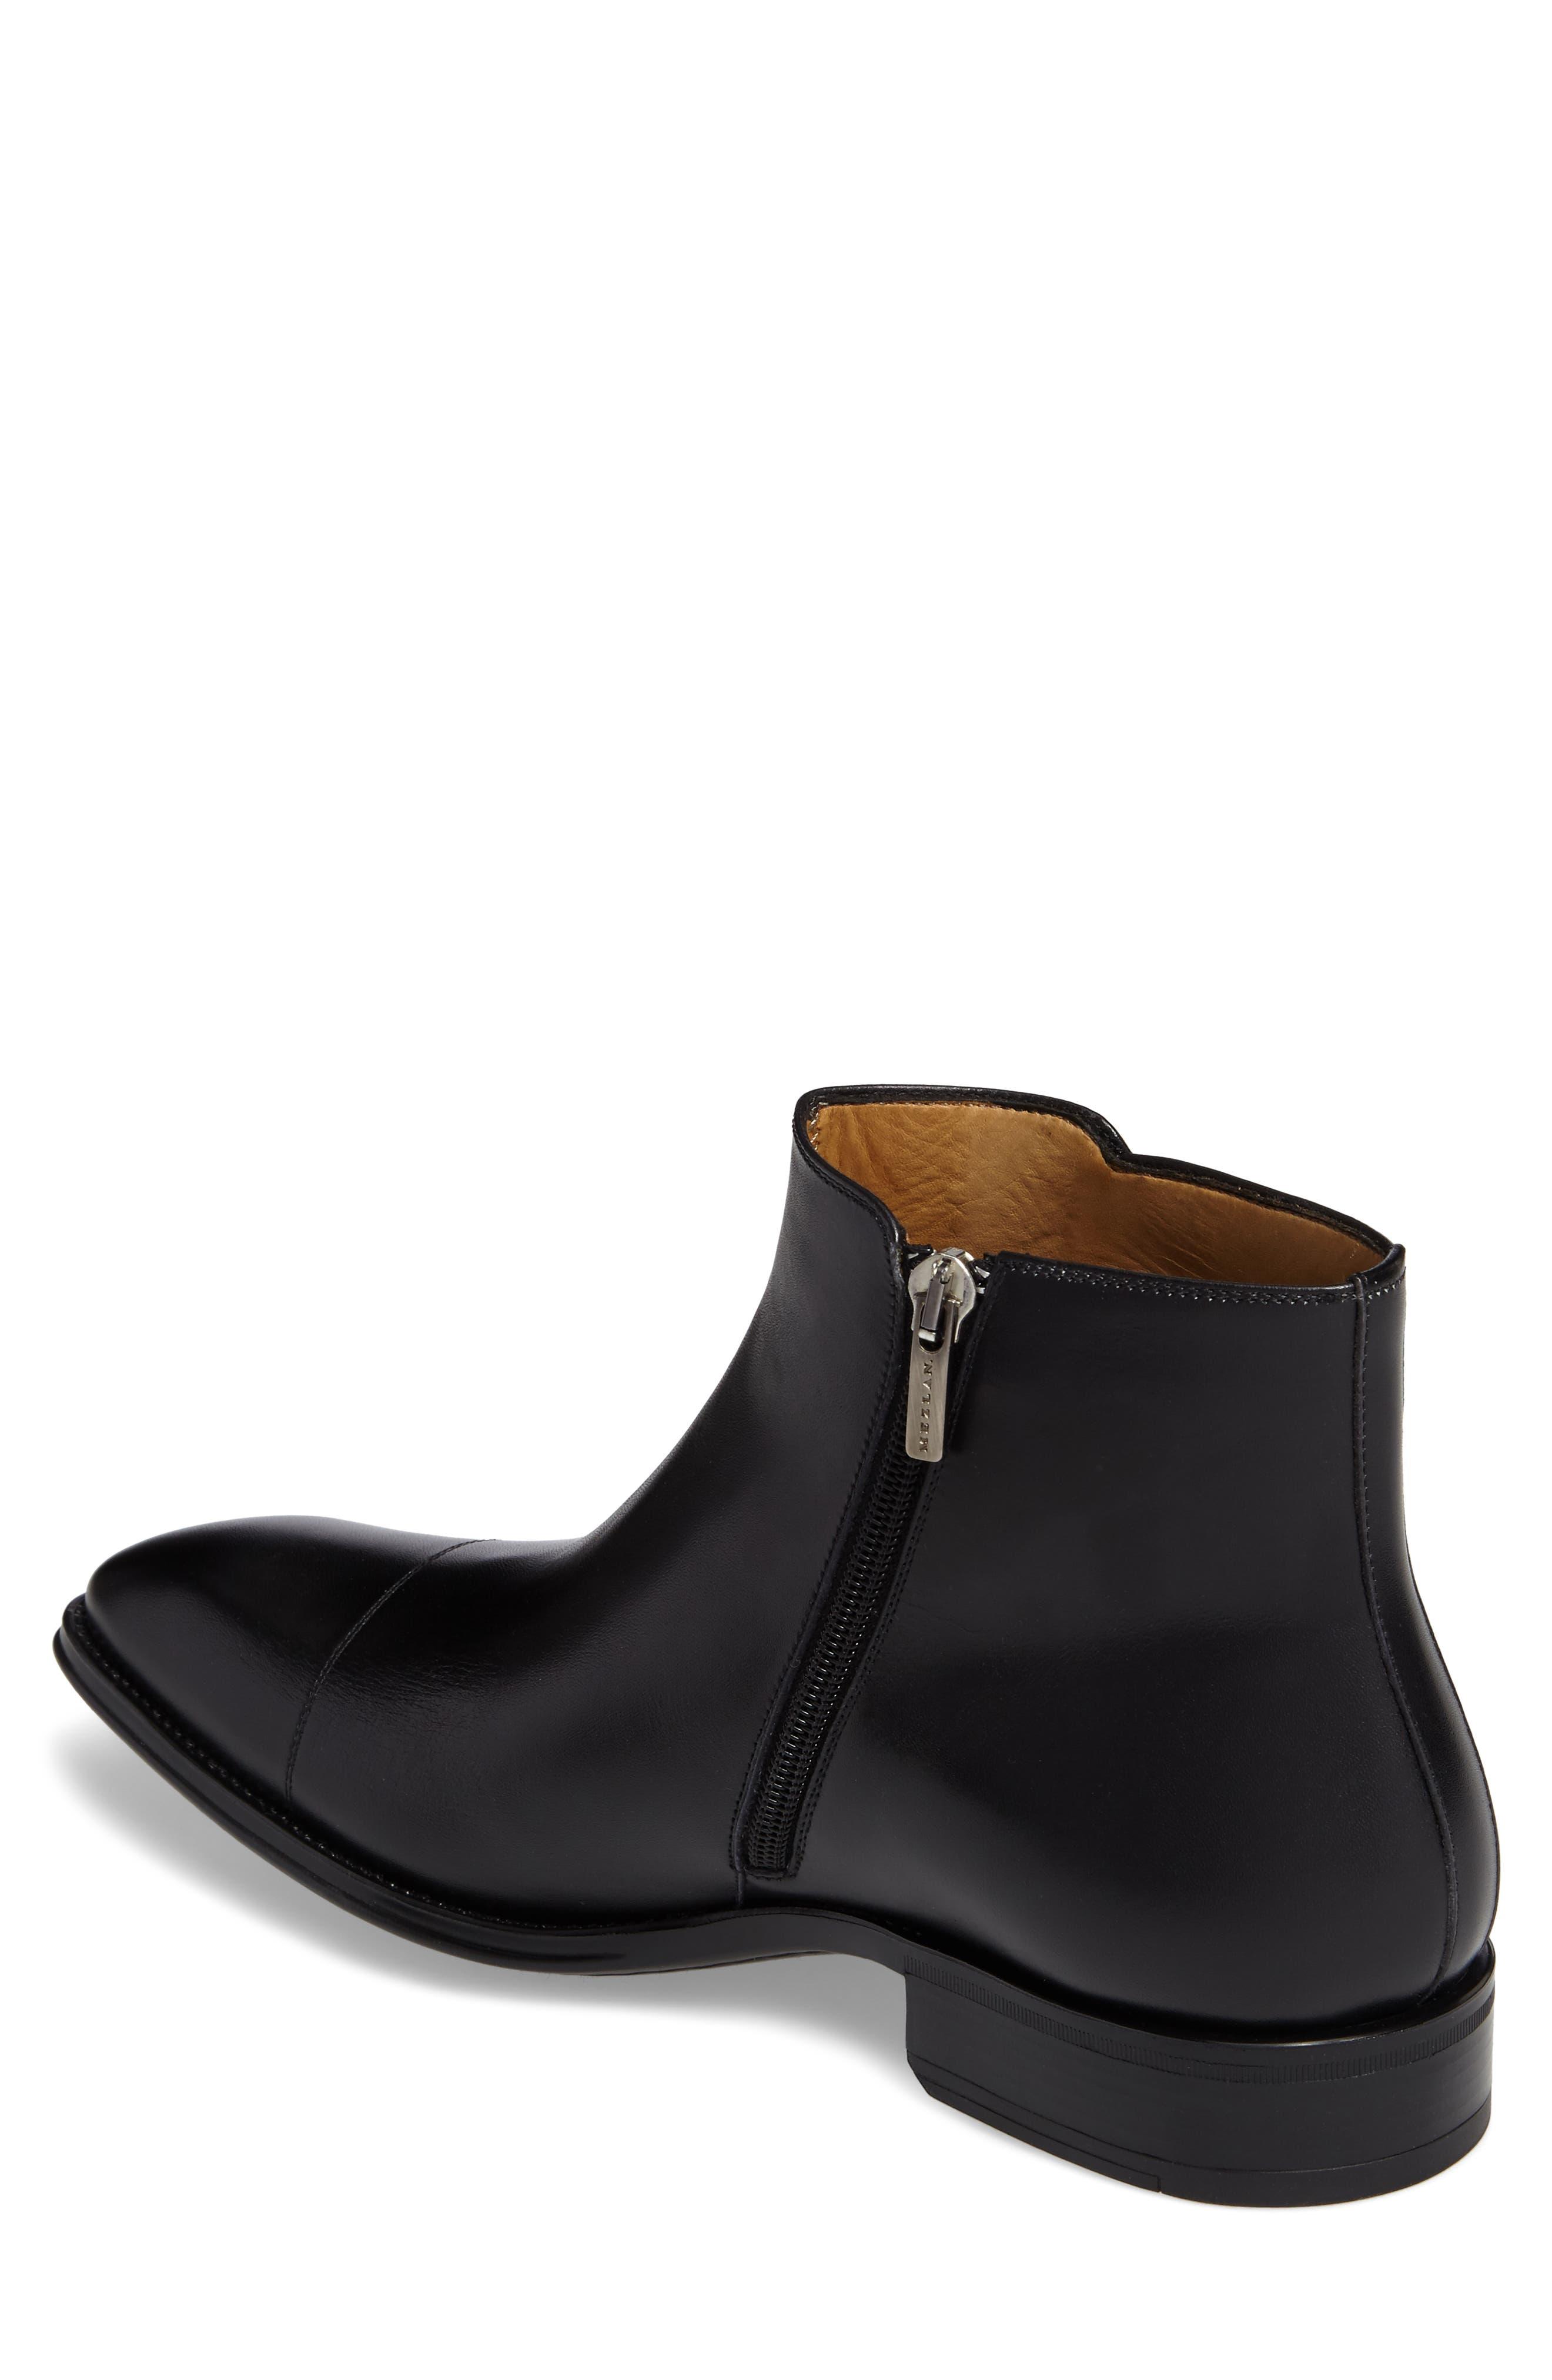 Alternate Image 2  - Mezlan Casares II Zip Boot (Men)